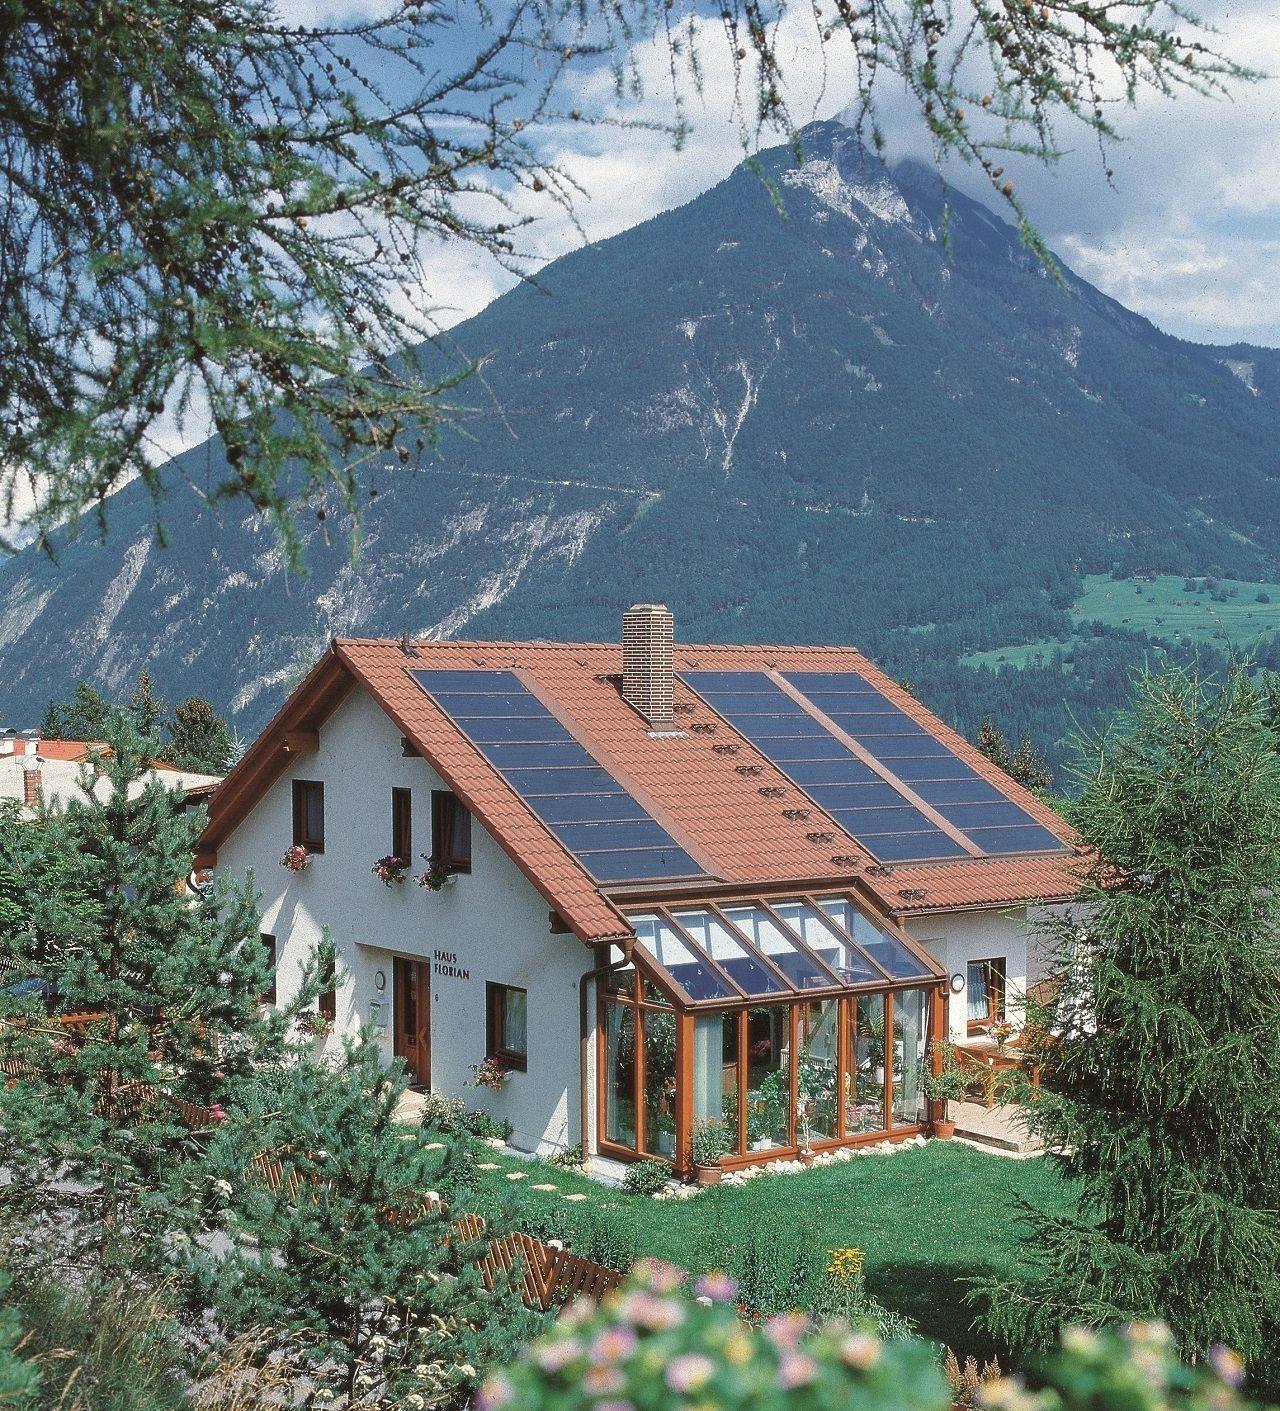 Ferienwohnung APART HAUS FLORIAN BALKONAPPARTEMENT (1995723), Imst, Imst-Gurgltal, Tirol, Österreich, Bild 1